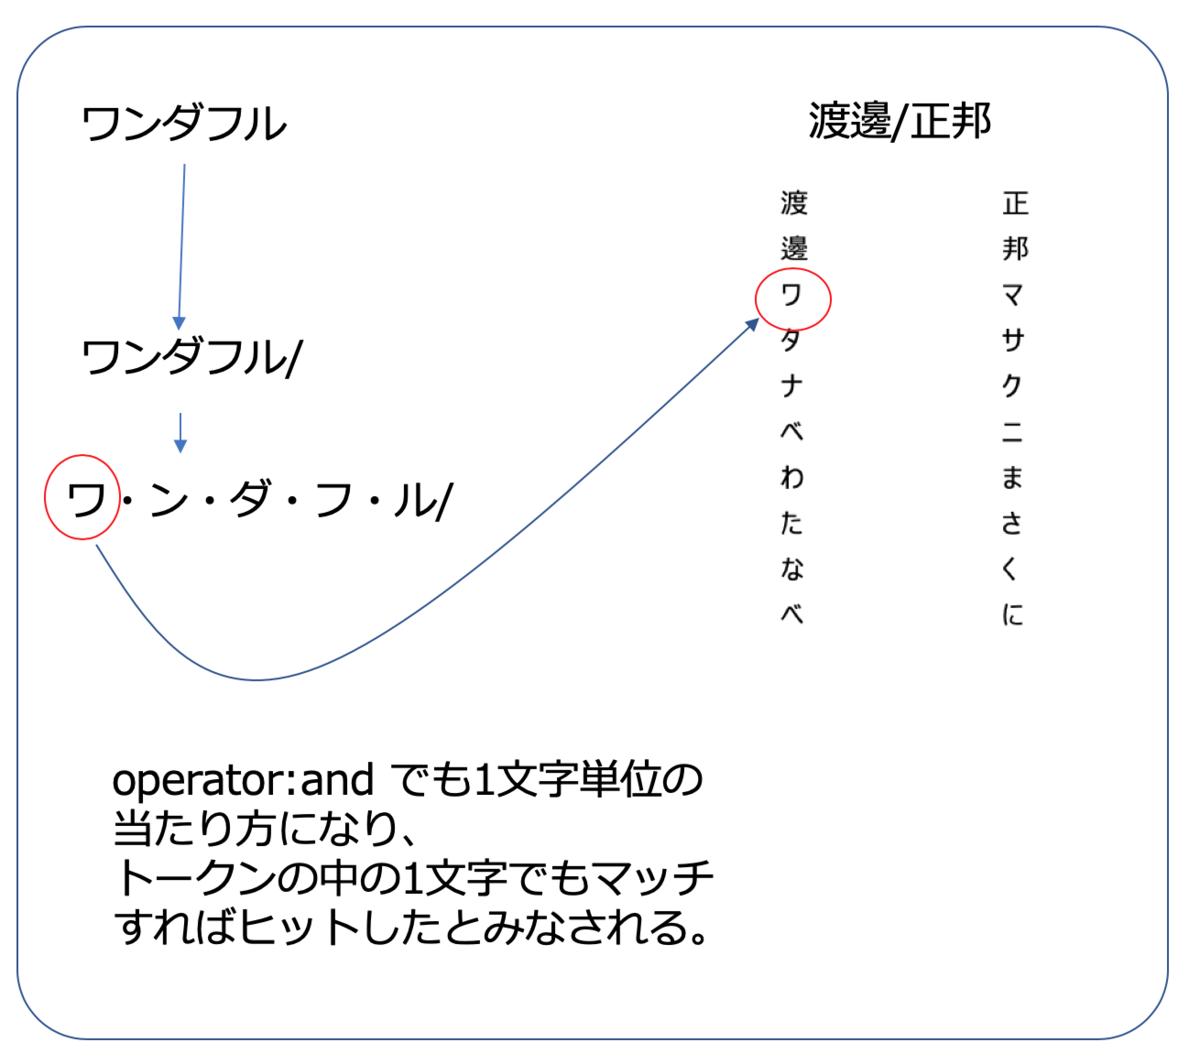 f:id:azotar:20200126151610p:plain